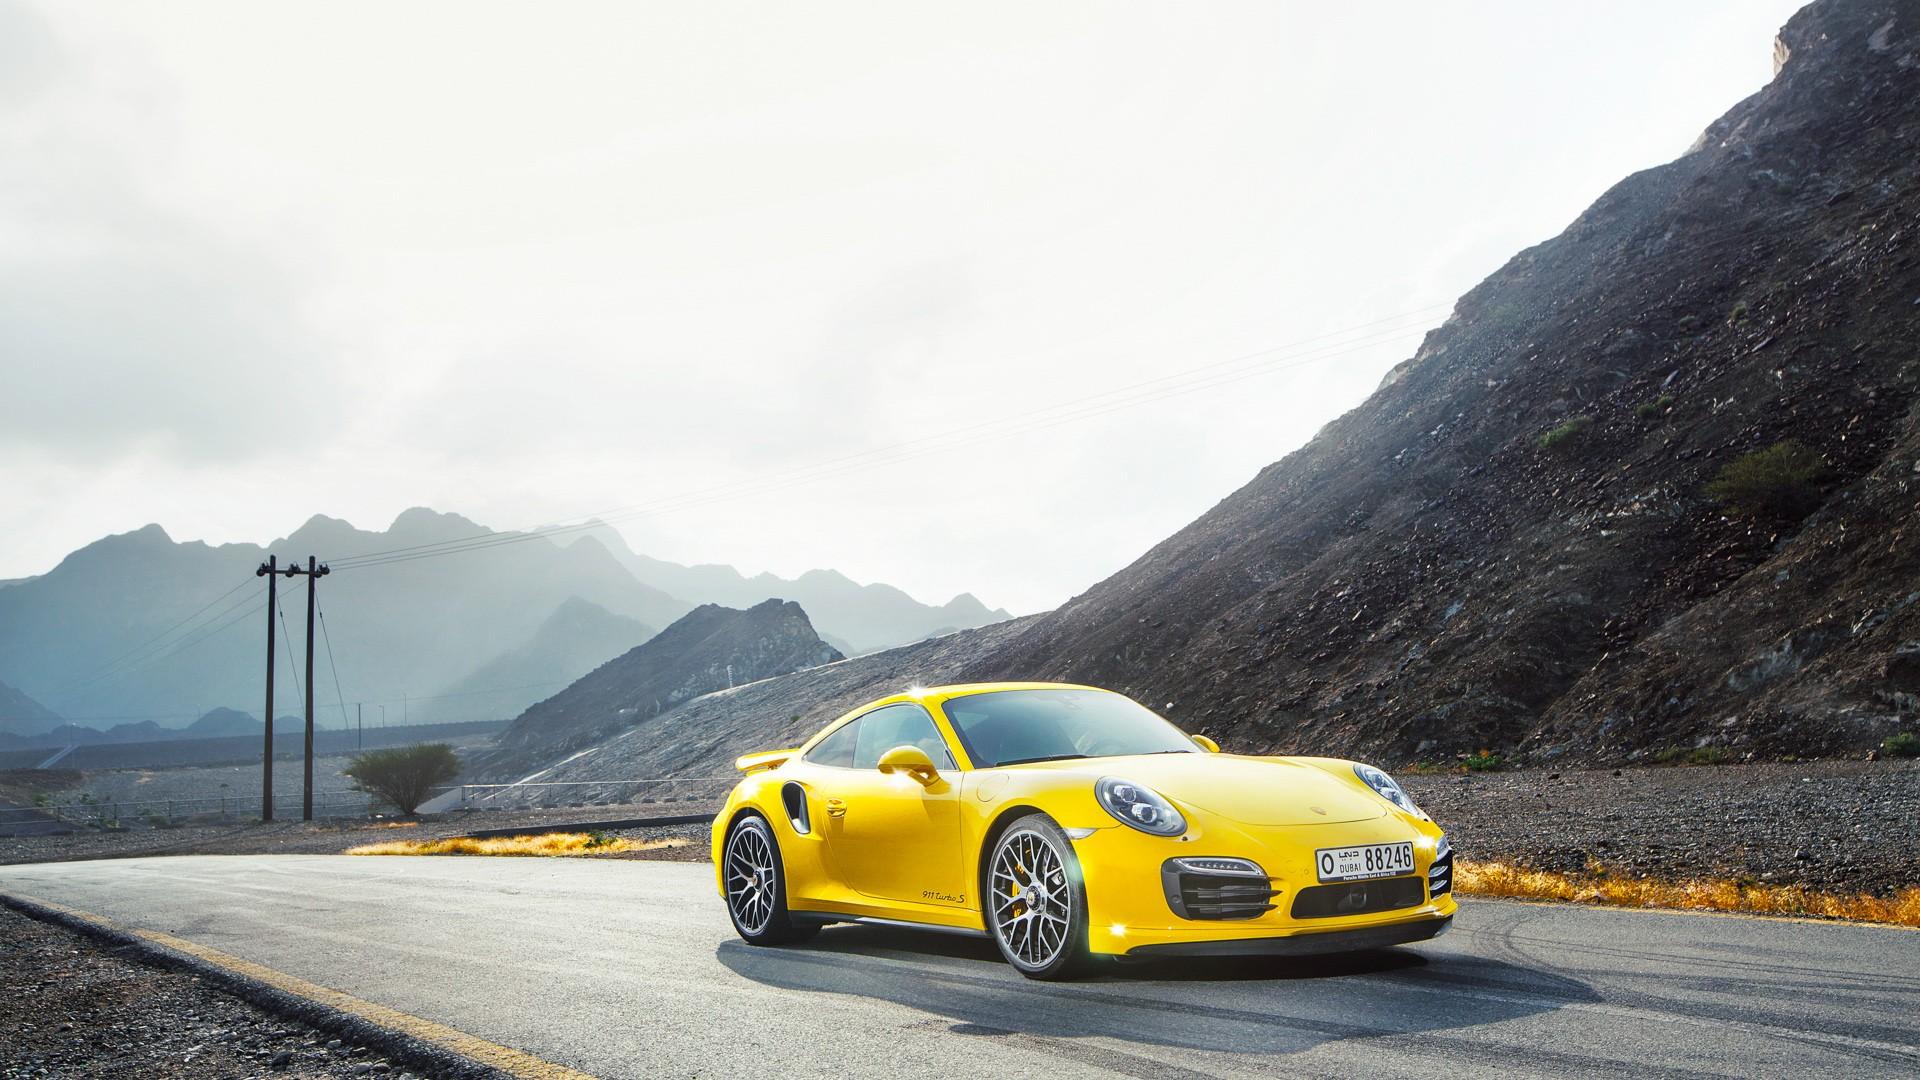 Porsche 911 Turbo S Mclaren 12c Spider Wallpaper Hd Car Wallpapers Id 4707